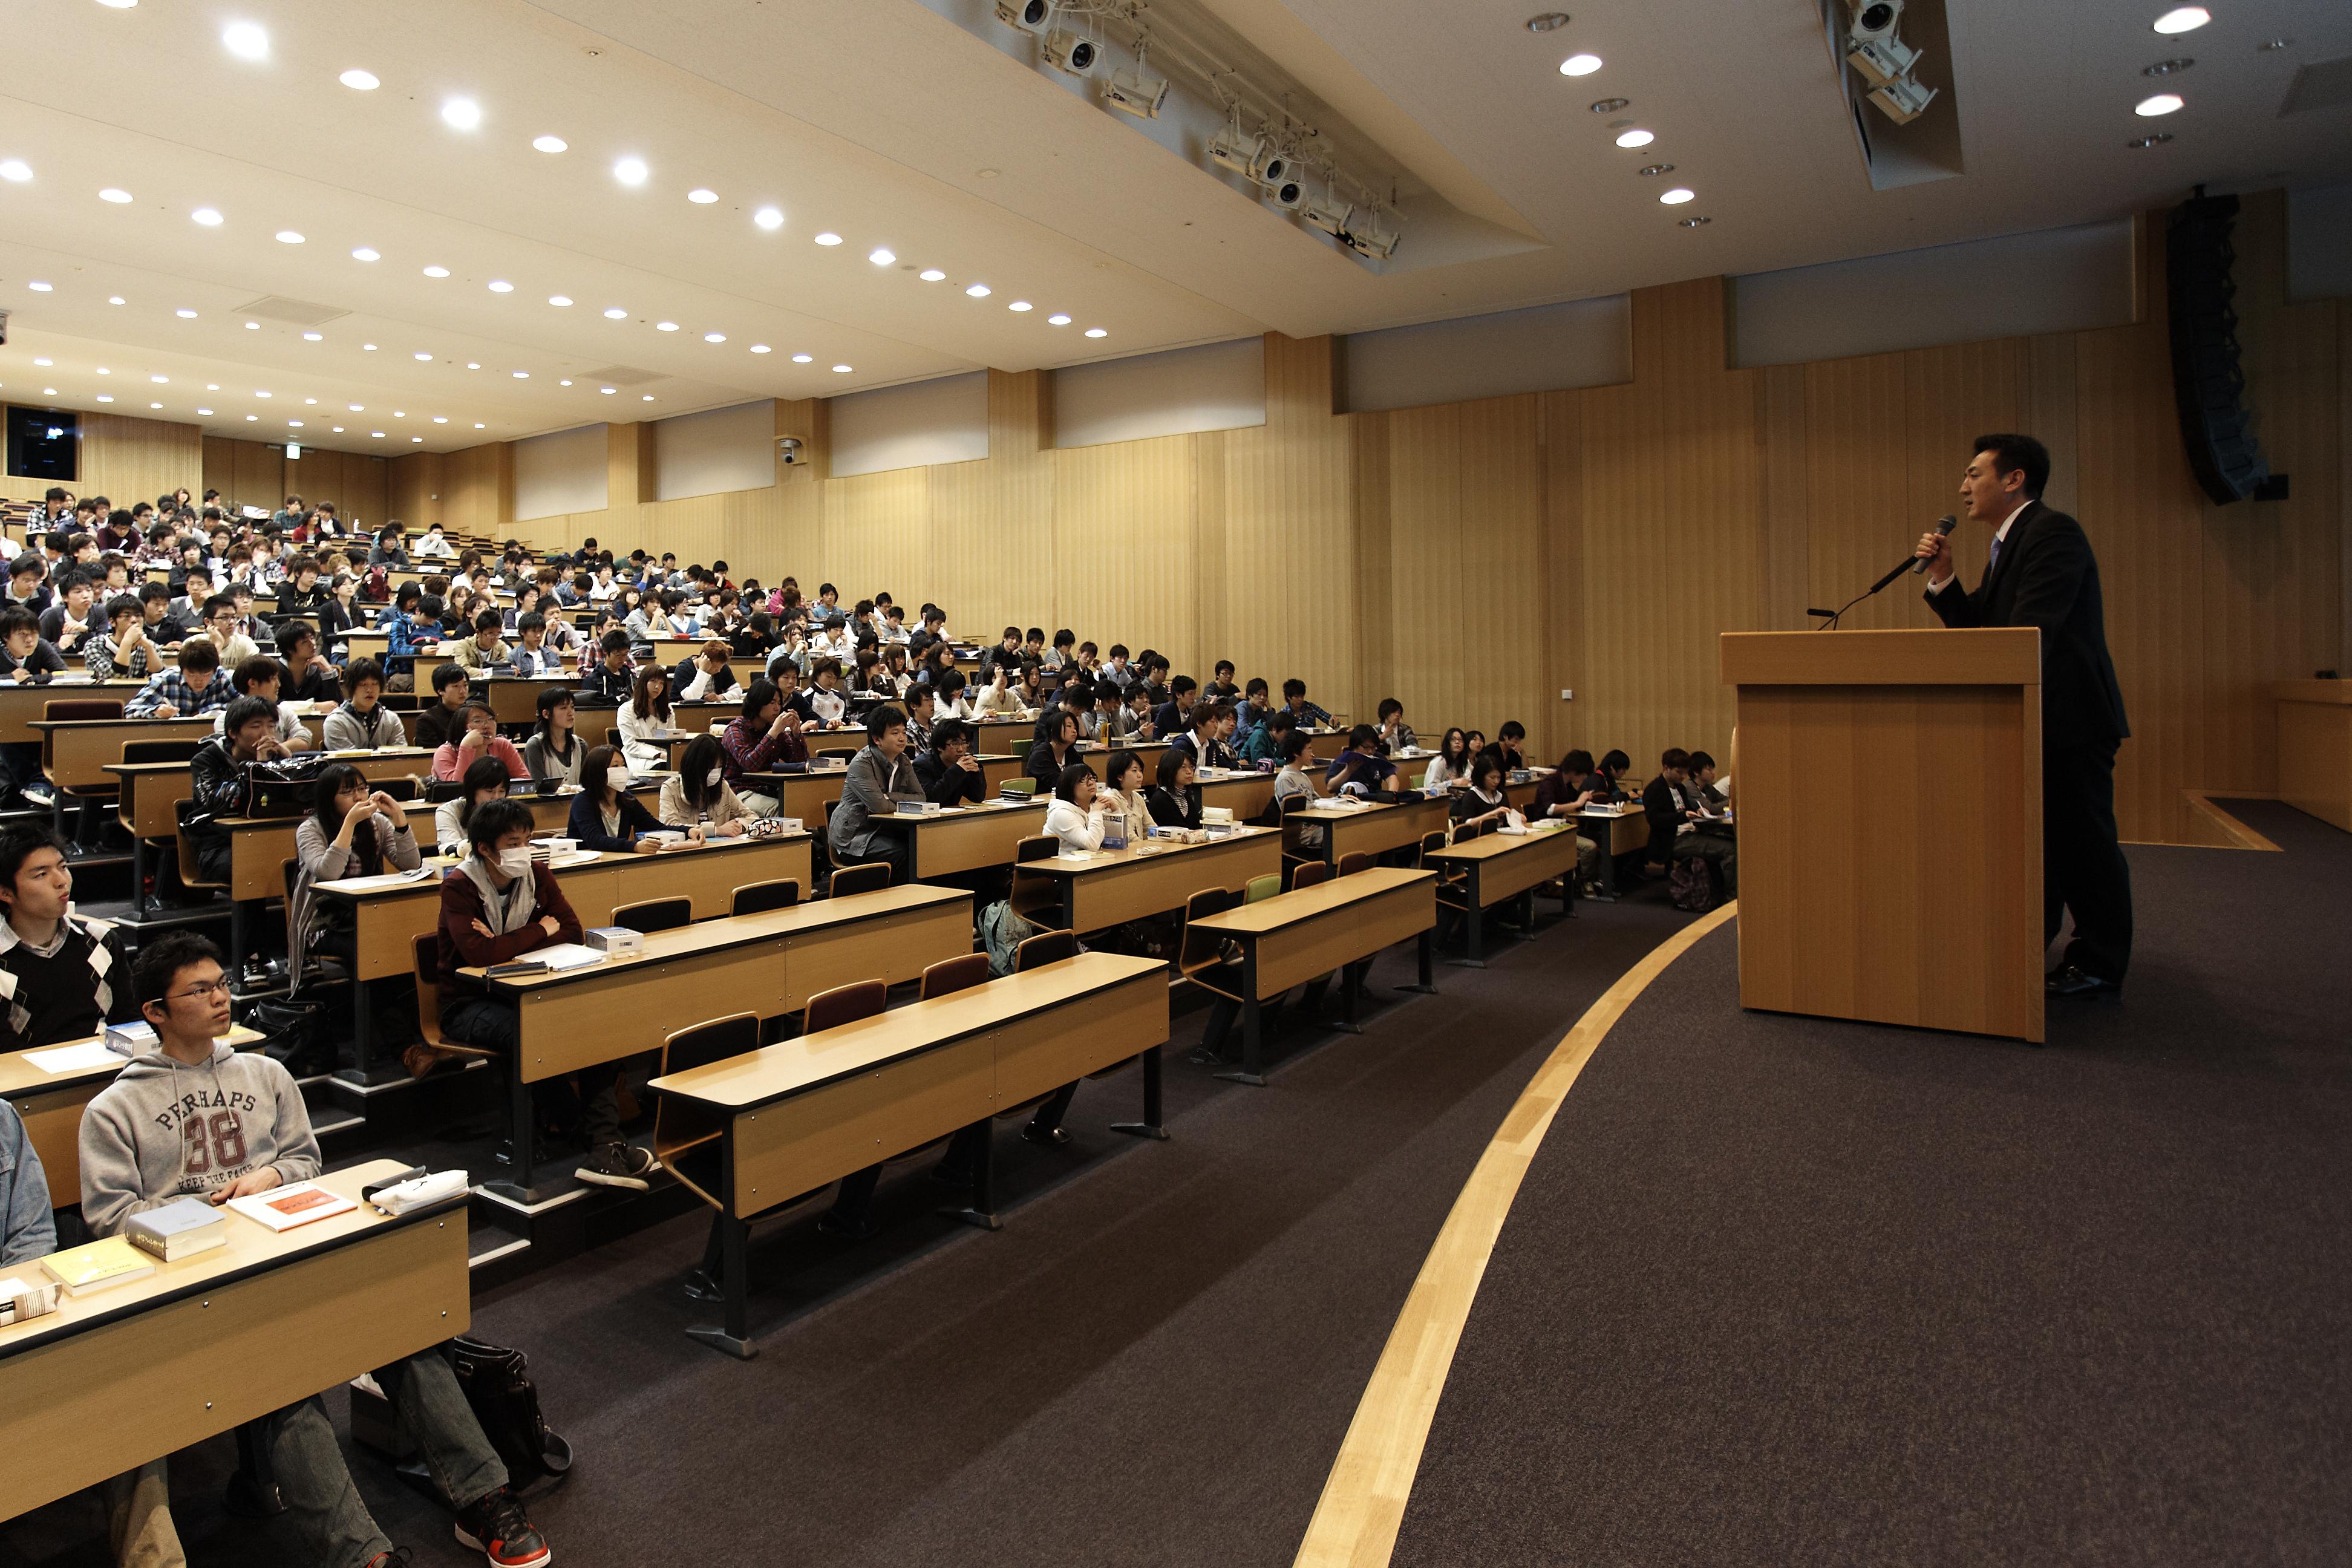 高野一彦の授業風景